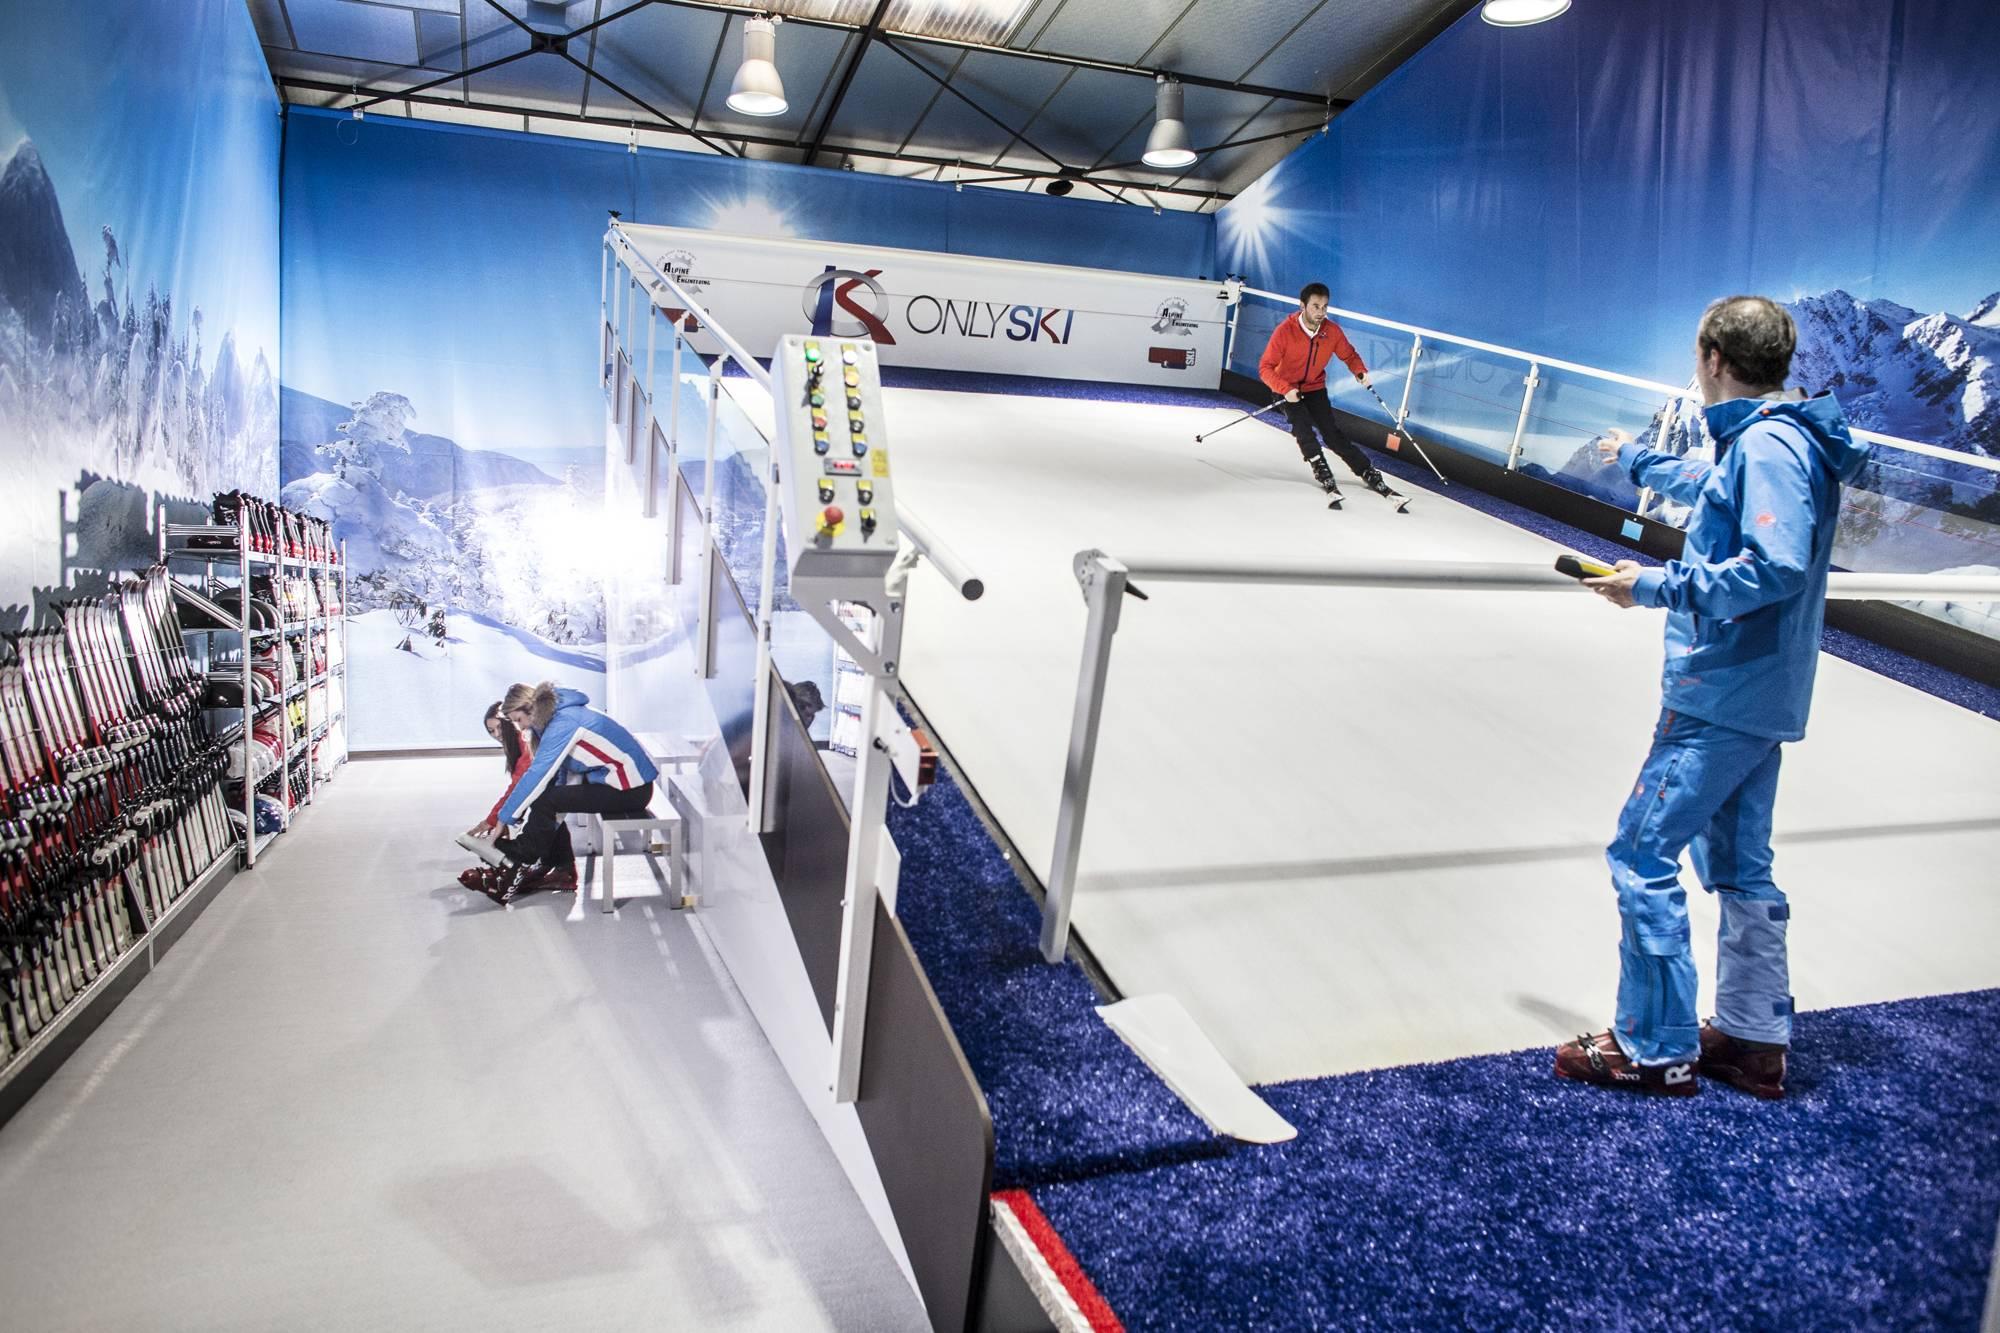 piste de ski indoor près de lyon